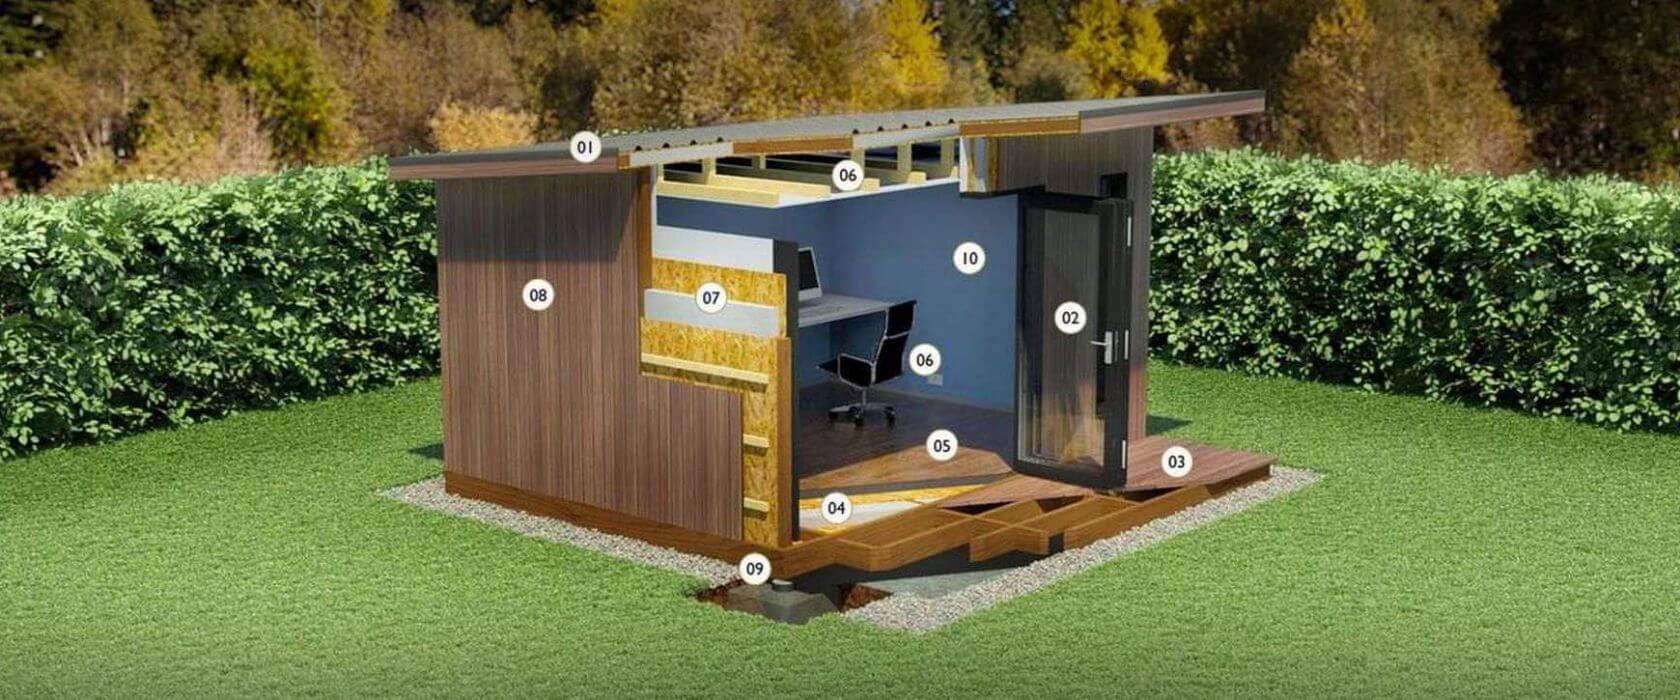 How Build Garden Bridge